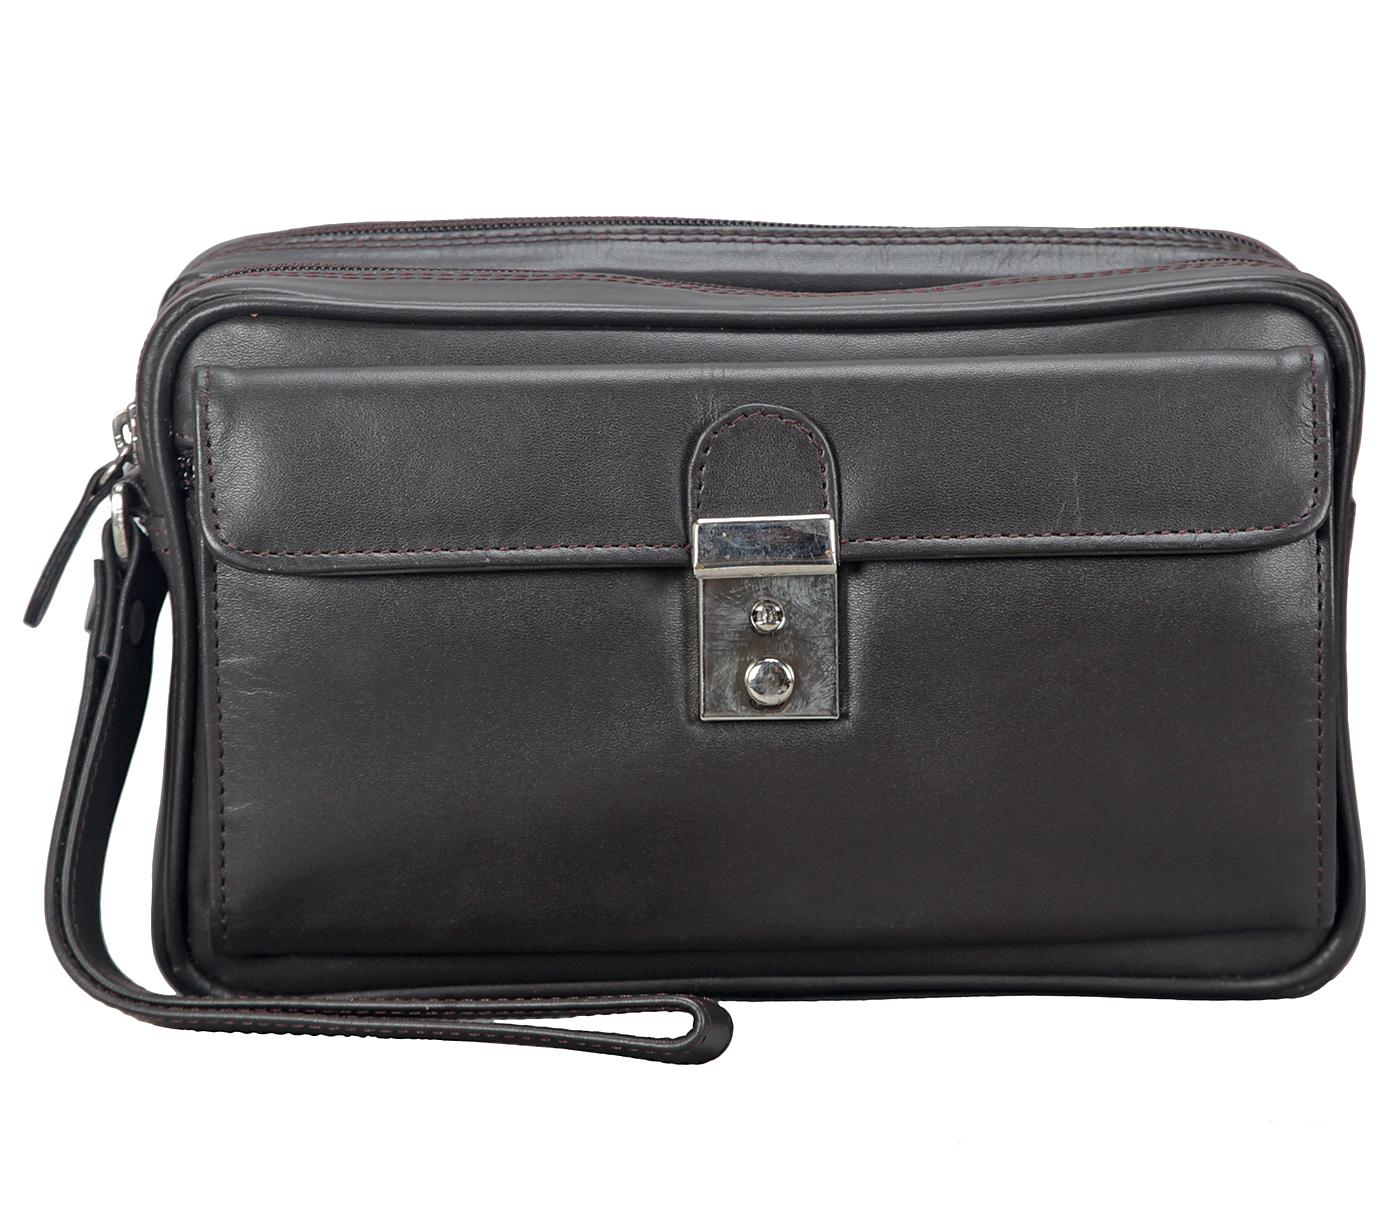 Bags - P36